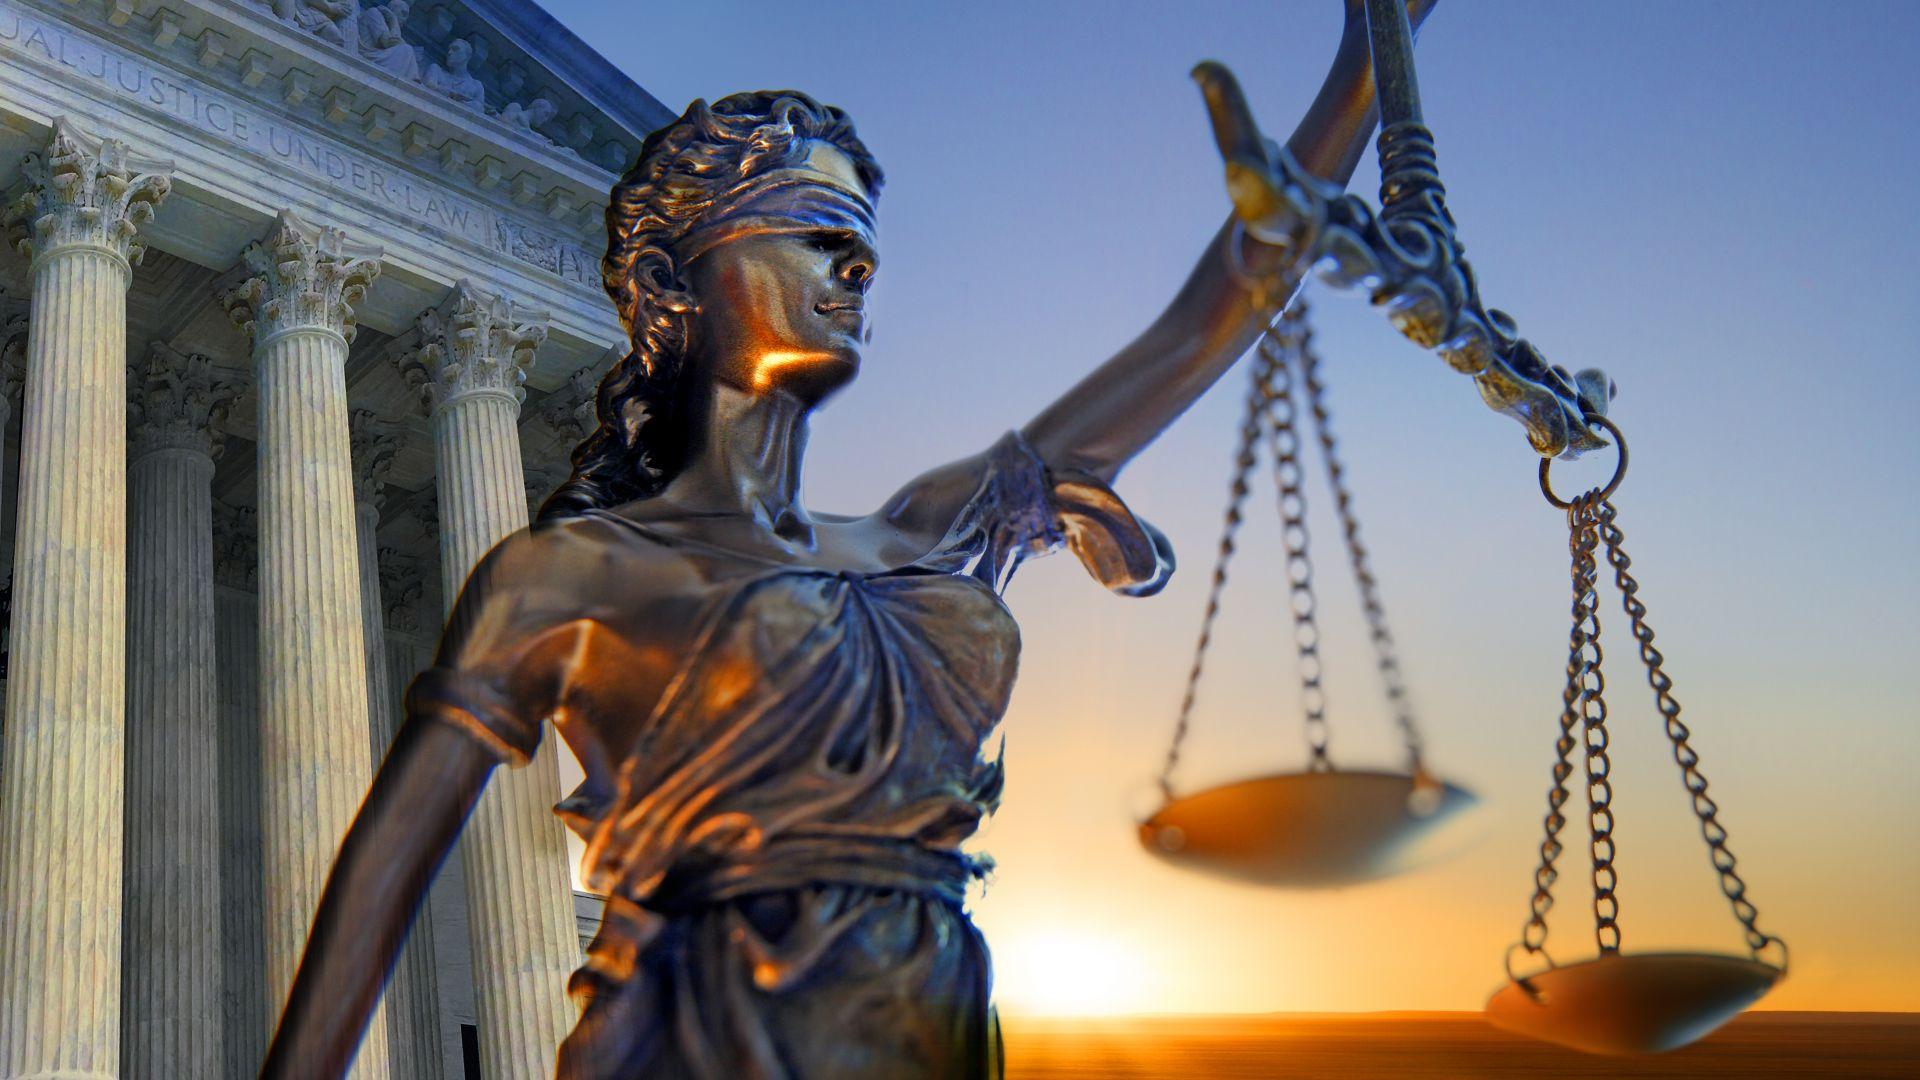 Българче, дадено за осиновяване в Съединените щати, е станало жертва